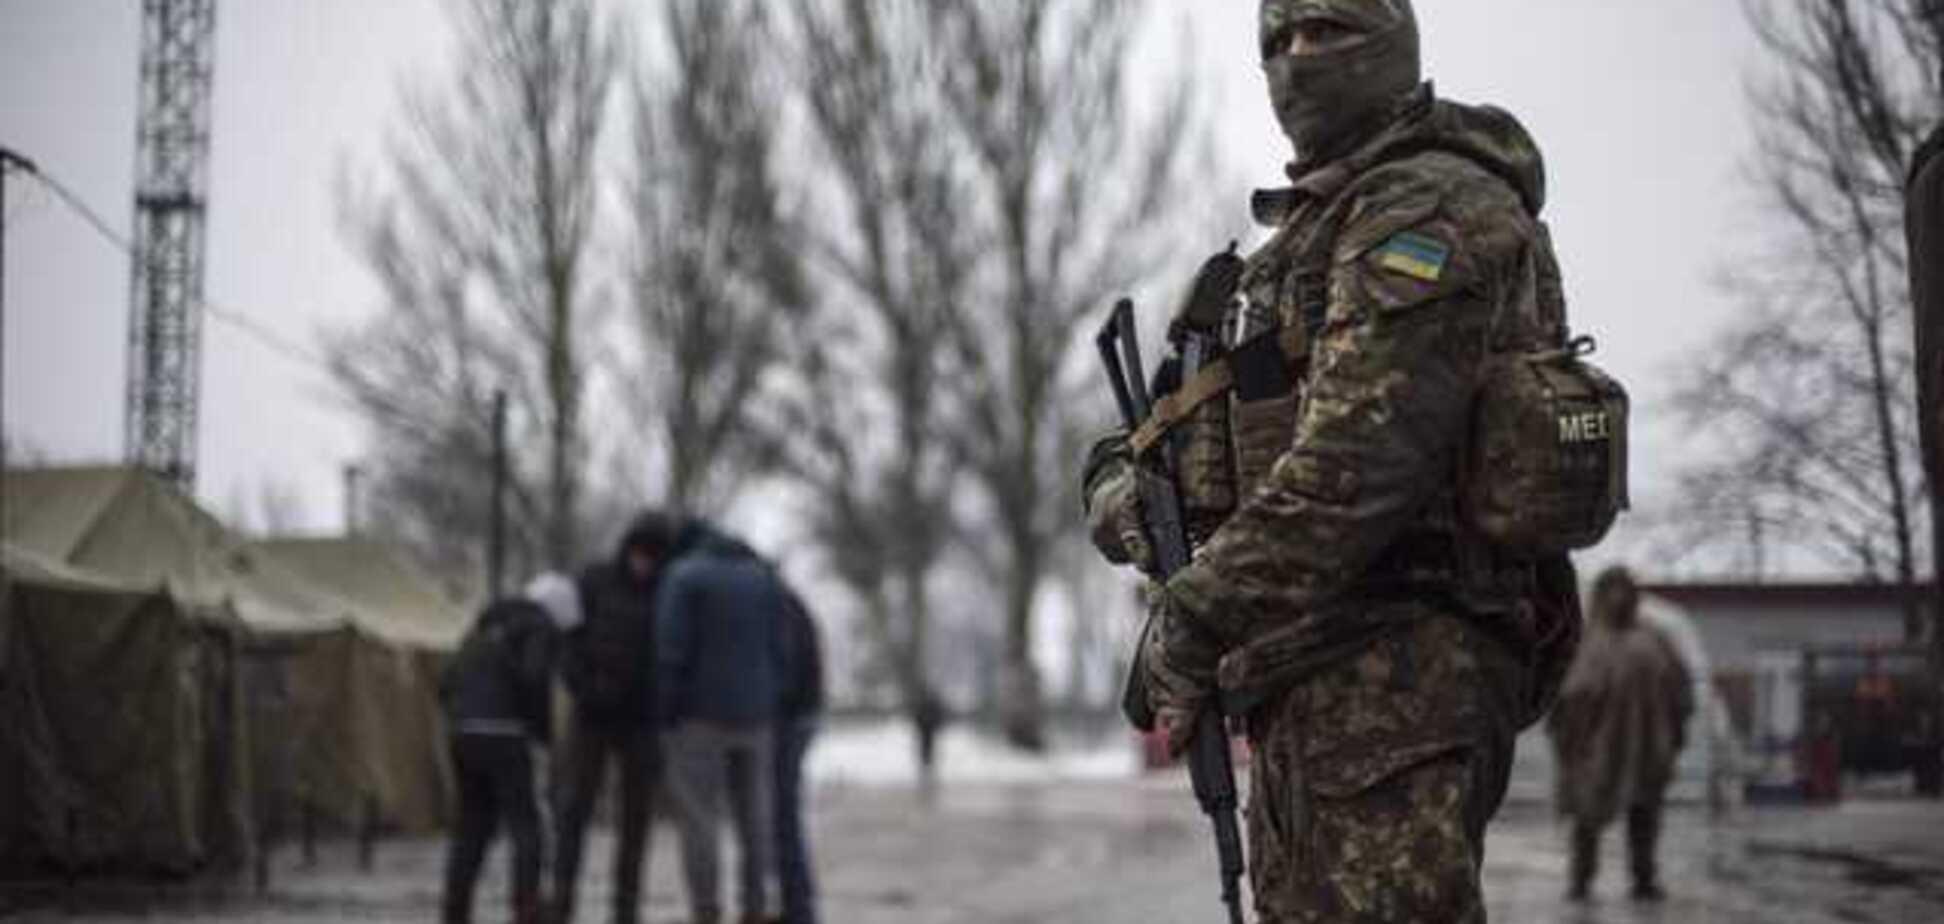 Трагически погиб еще один защитник Украины: названо имя